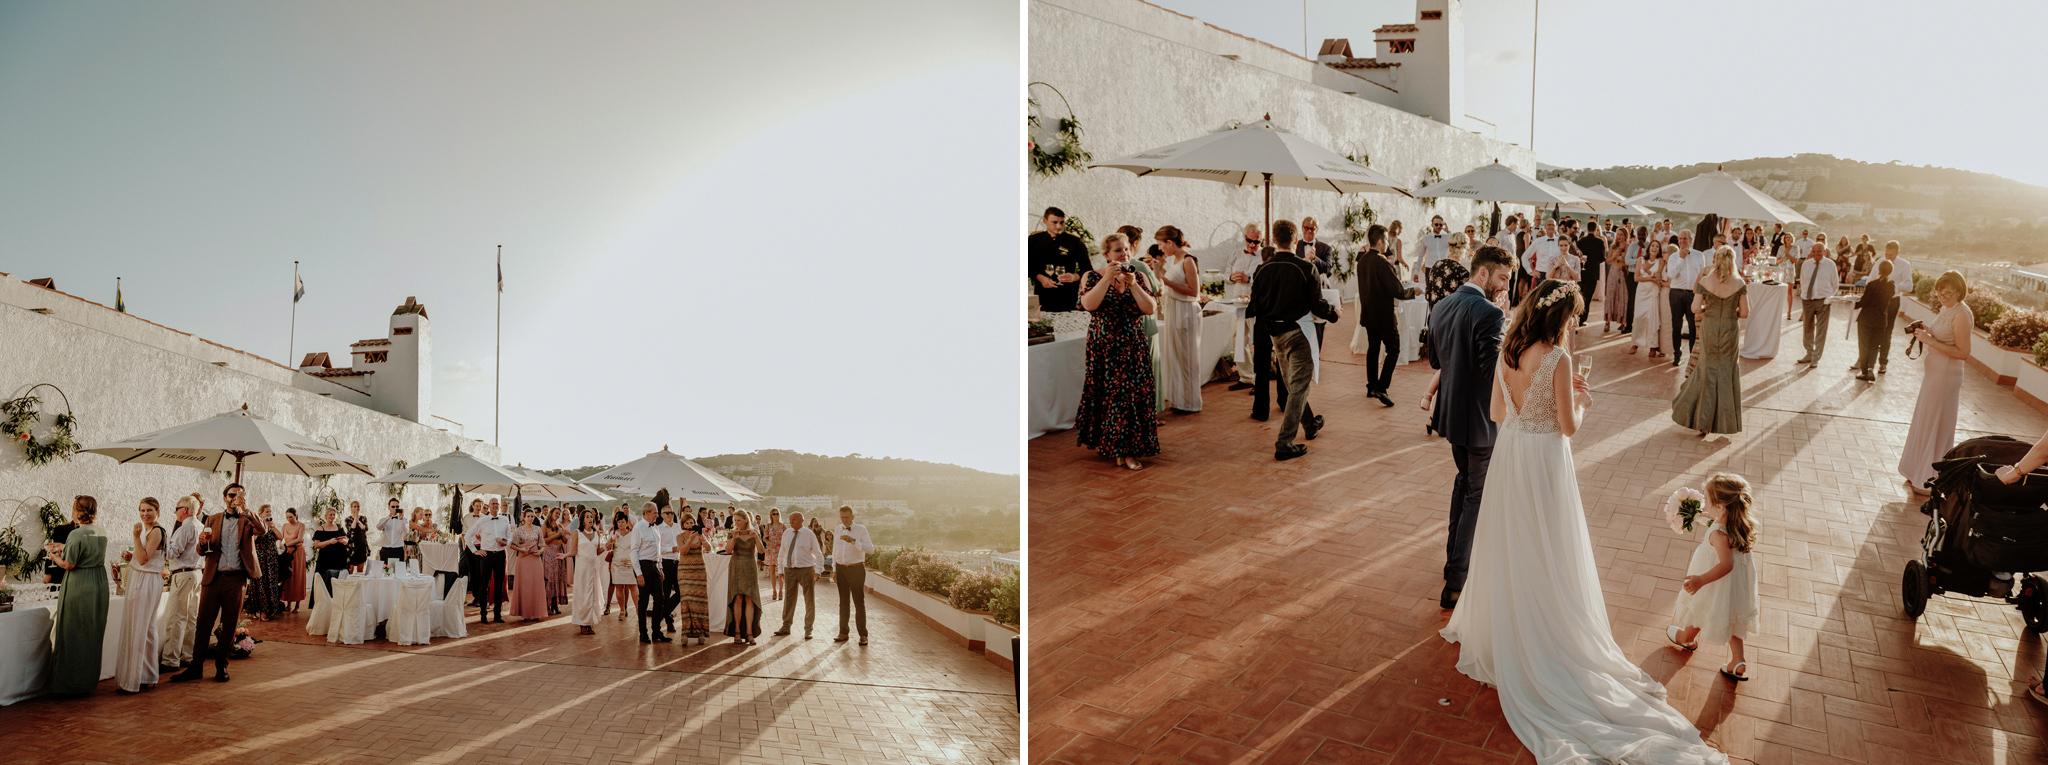 fotografo-boda-barcelona0066.jpg